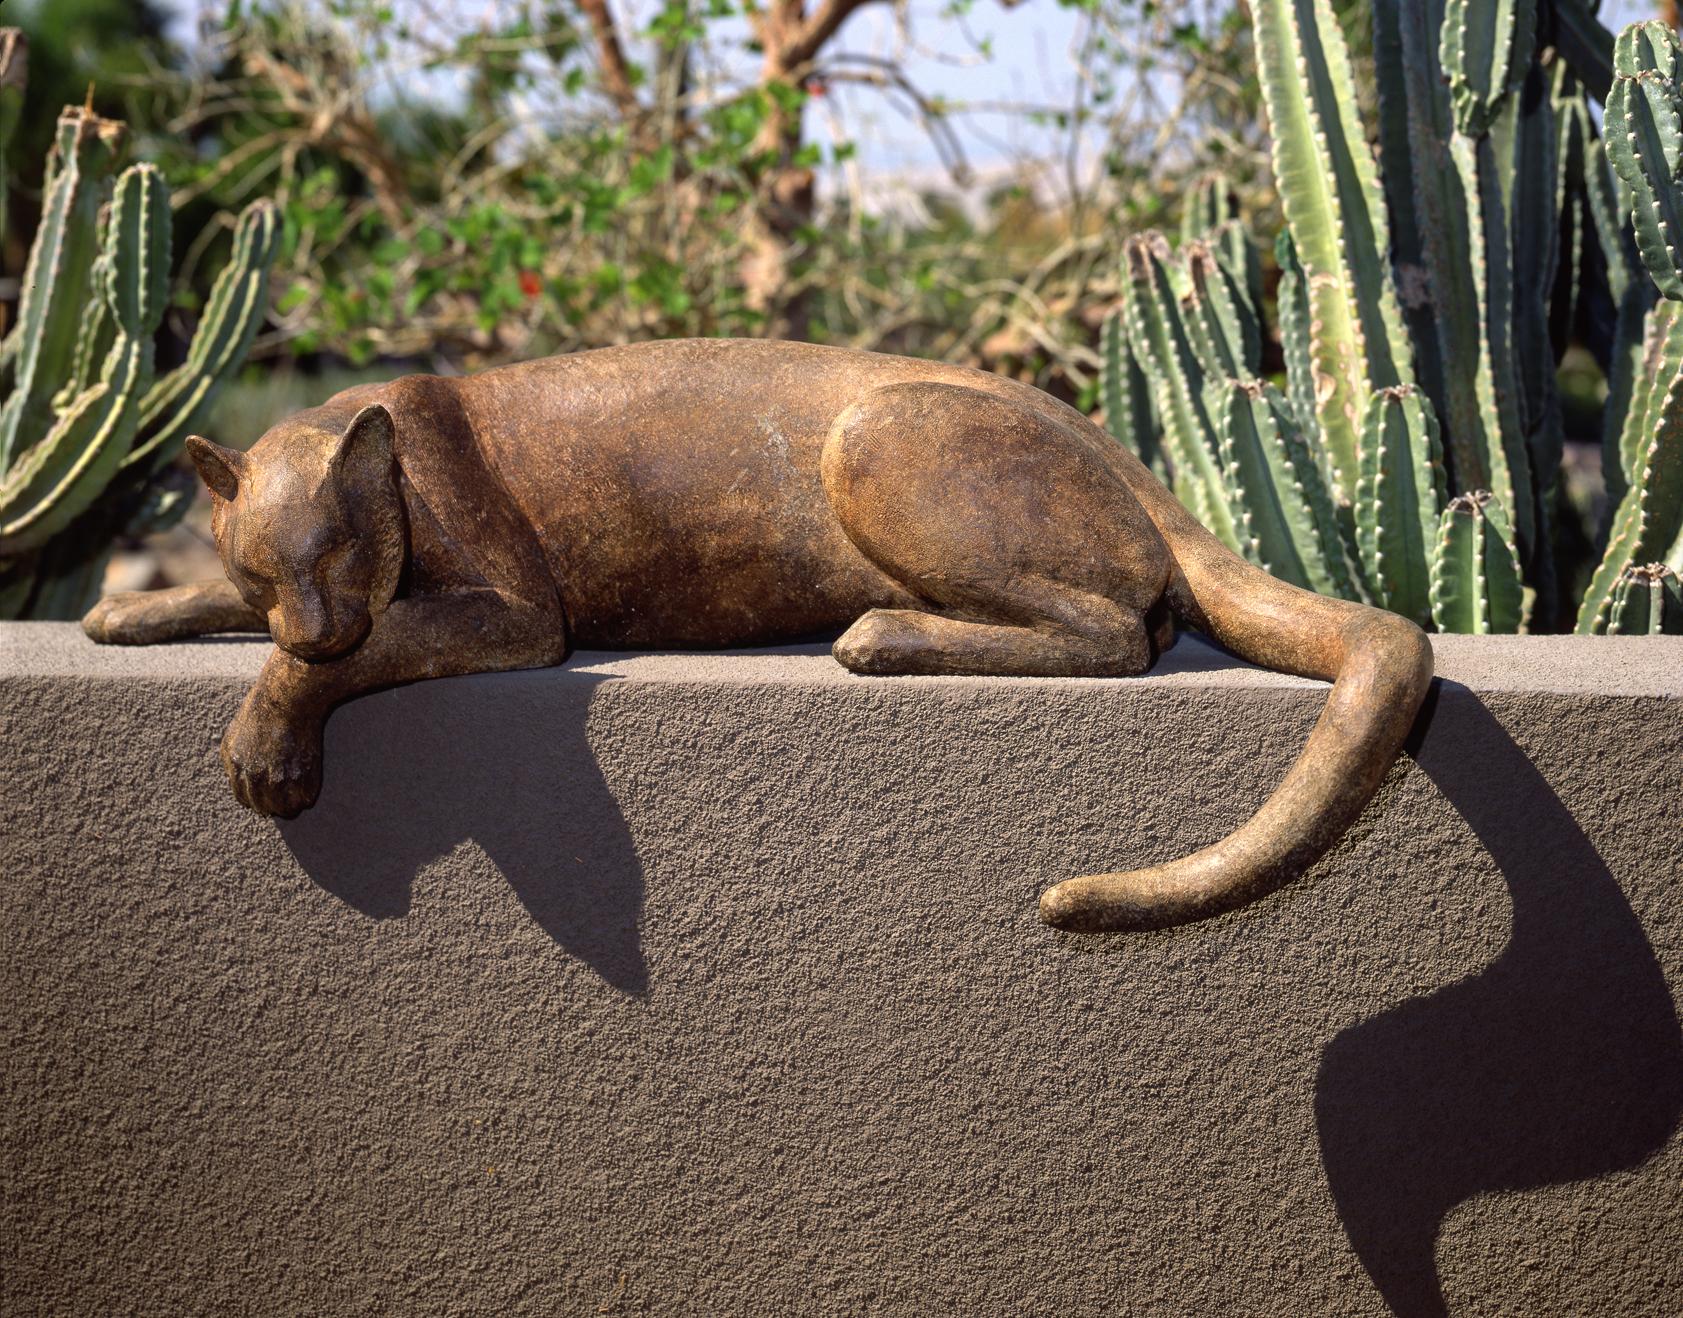 Cougar I